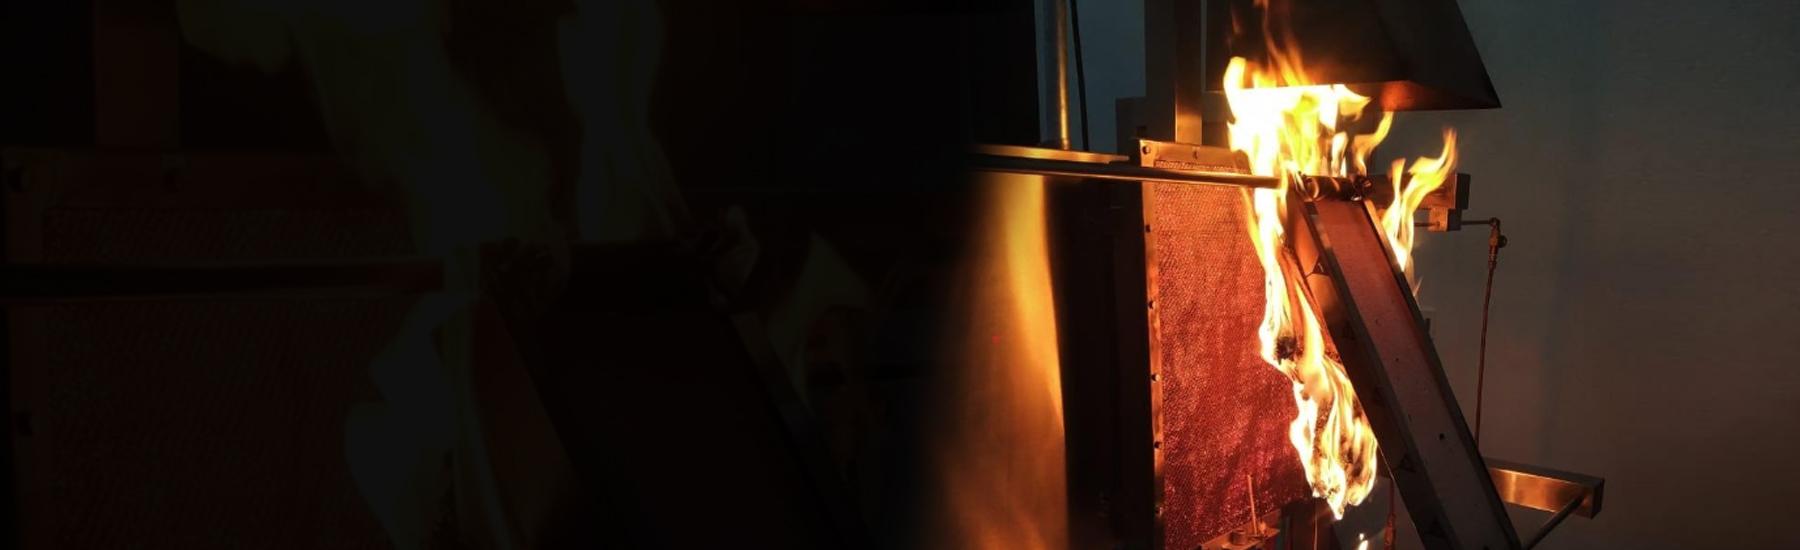 banner-indice-de-propagacao-de-chamas